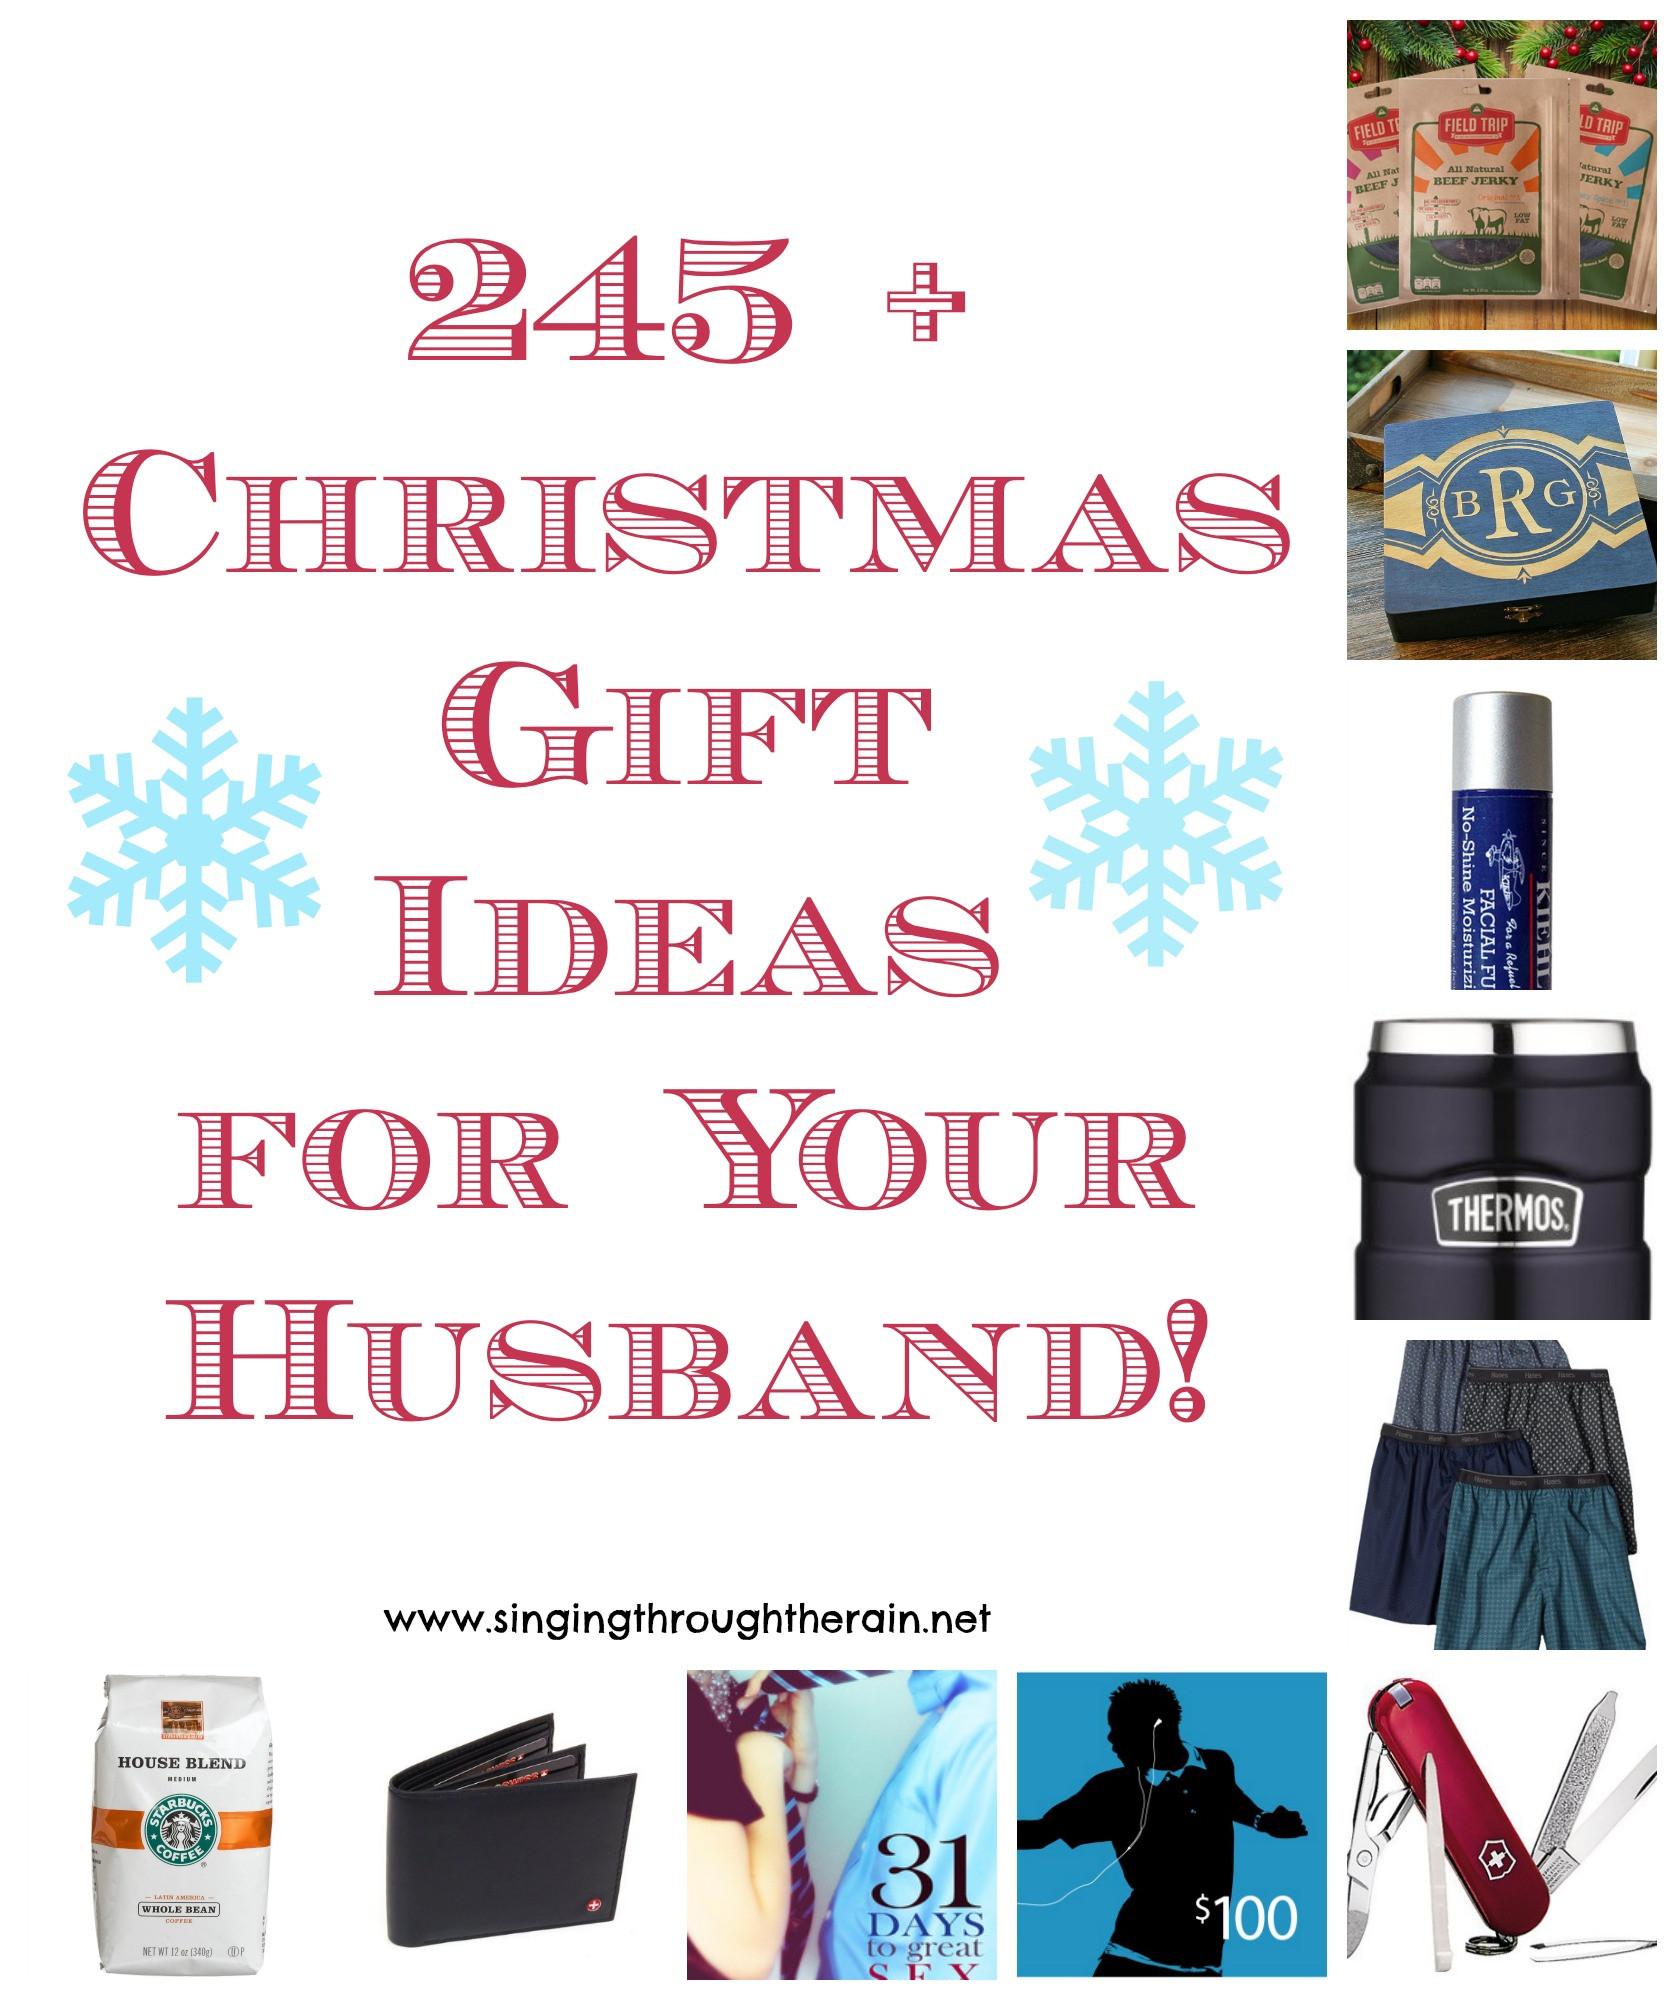 Gift Ideas For Husband For Christmas  245 Christmas Gift Ideas for Your Husband